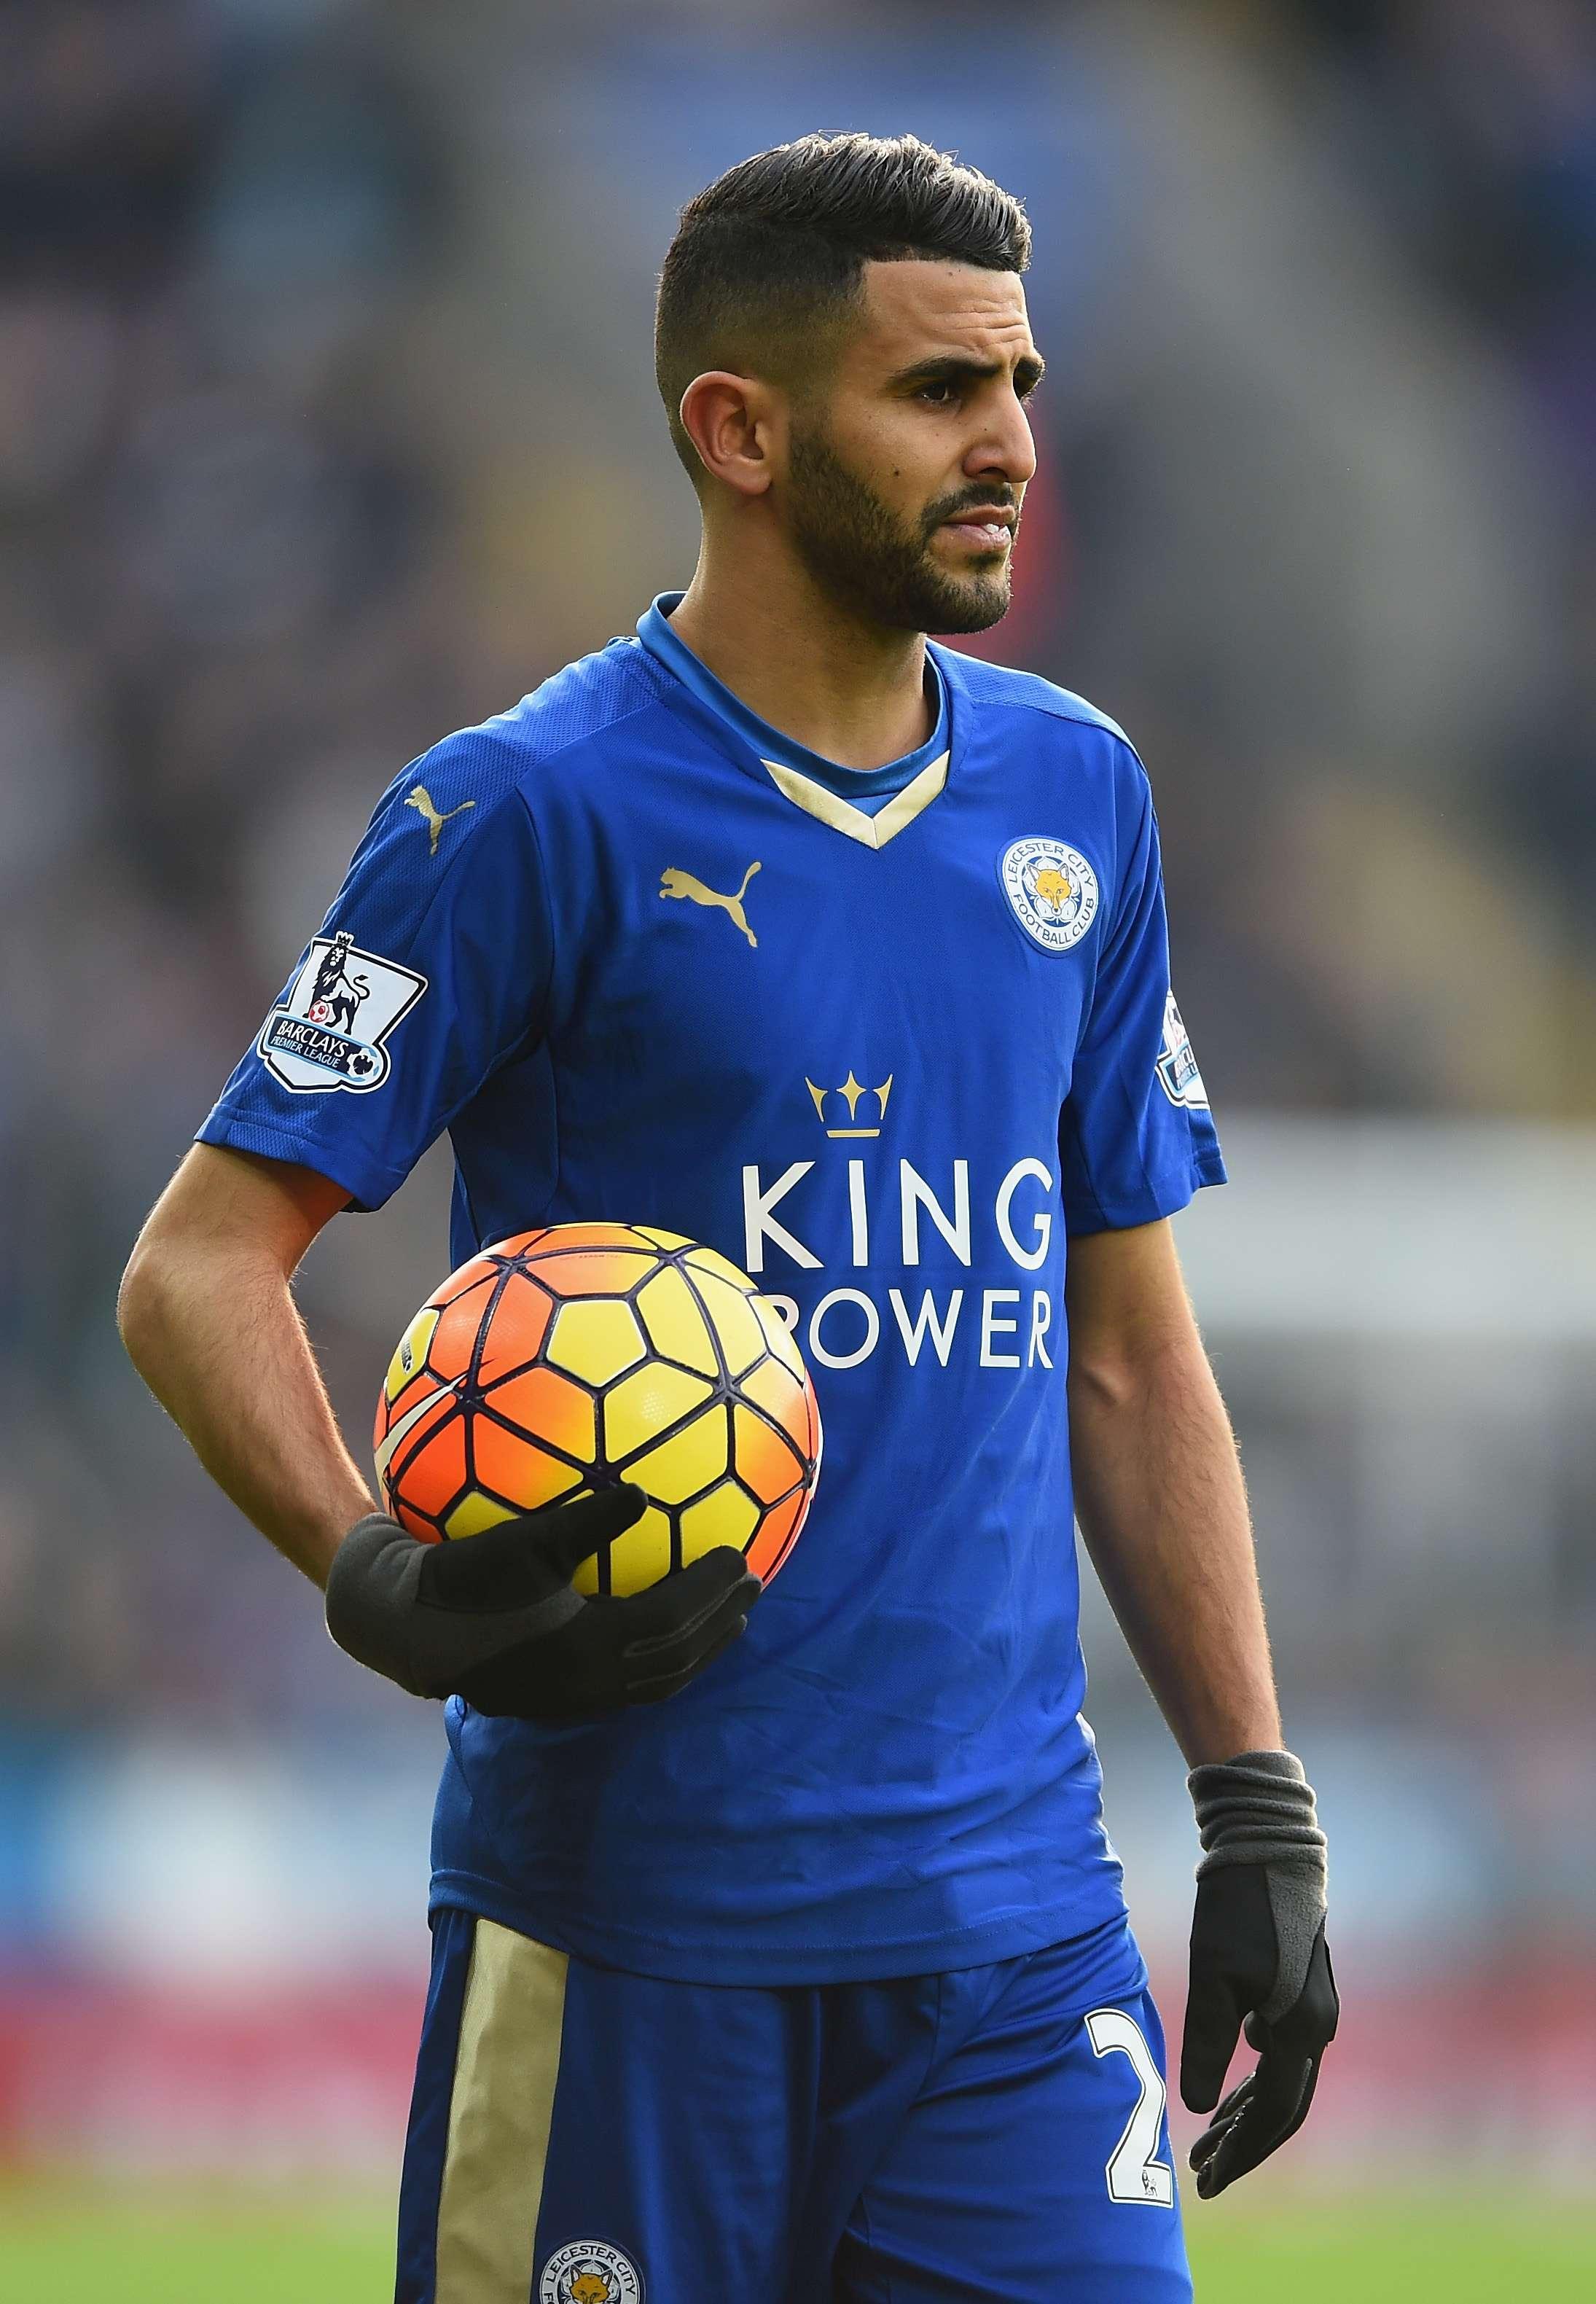 Mahrez, autore del gol vittoria con il Crystal Palace, è uno dei protagonisti della favola Leicester